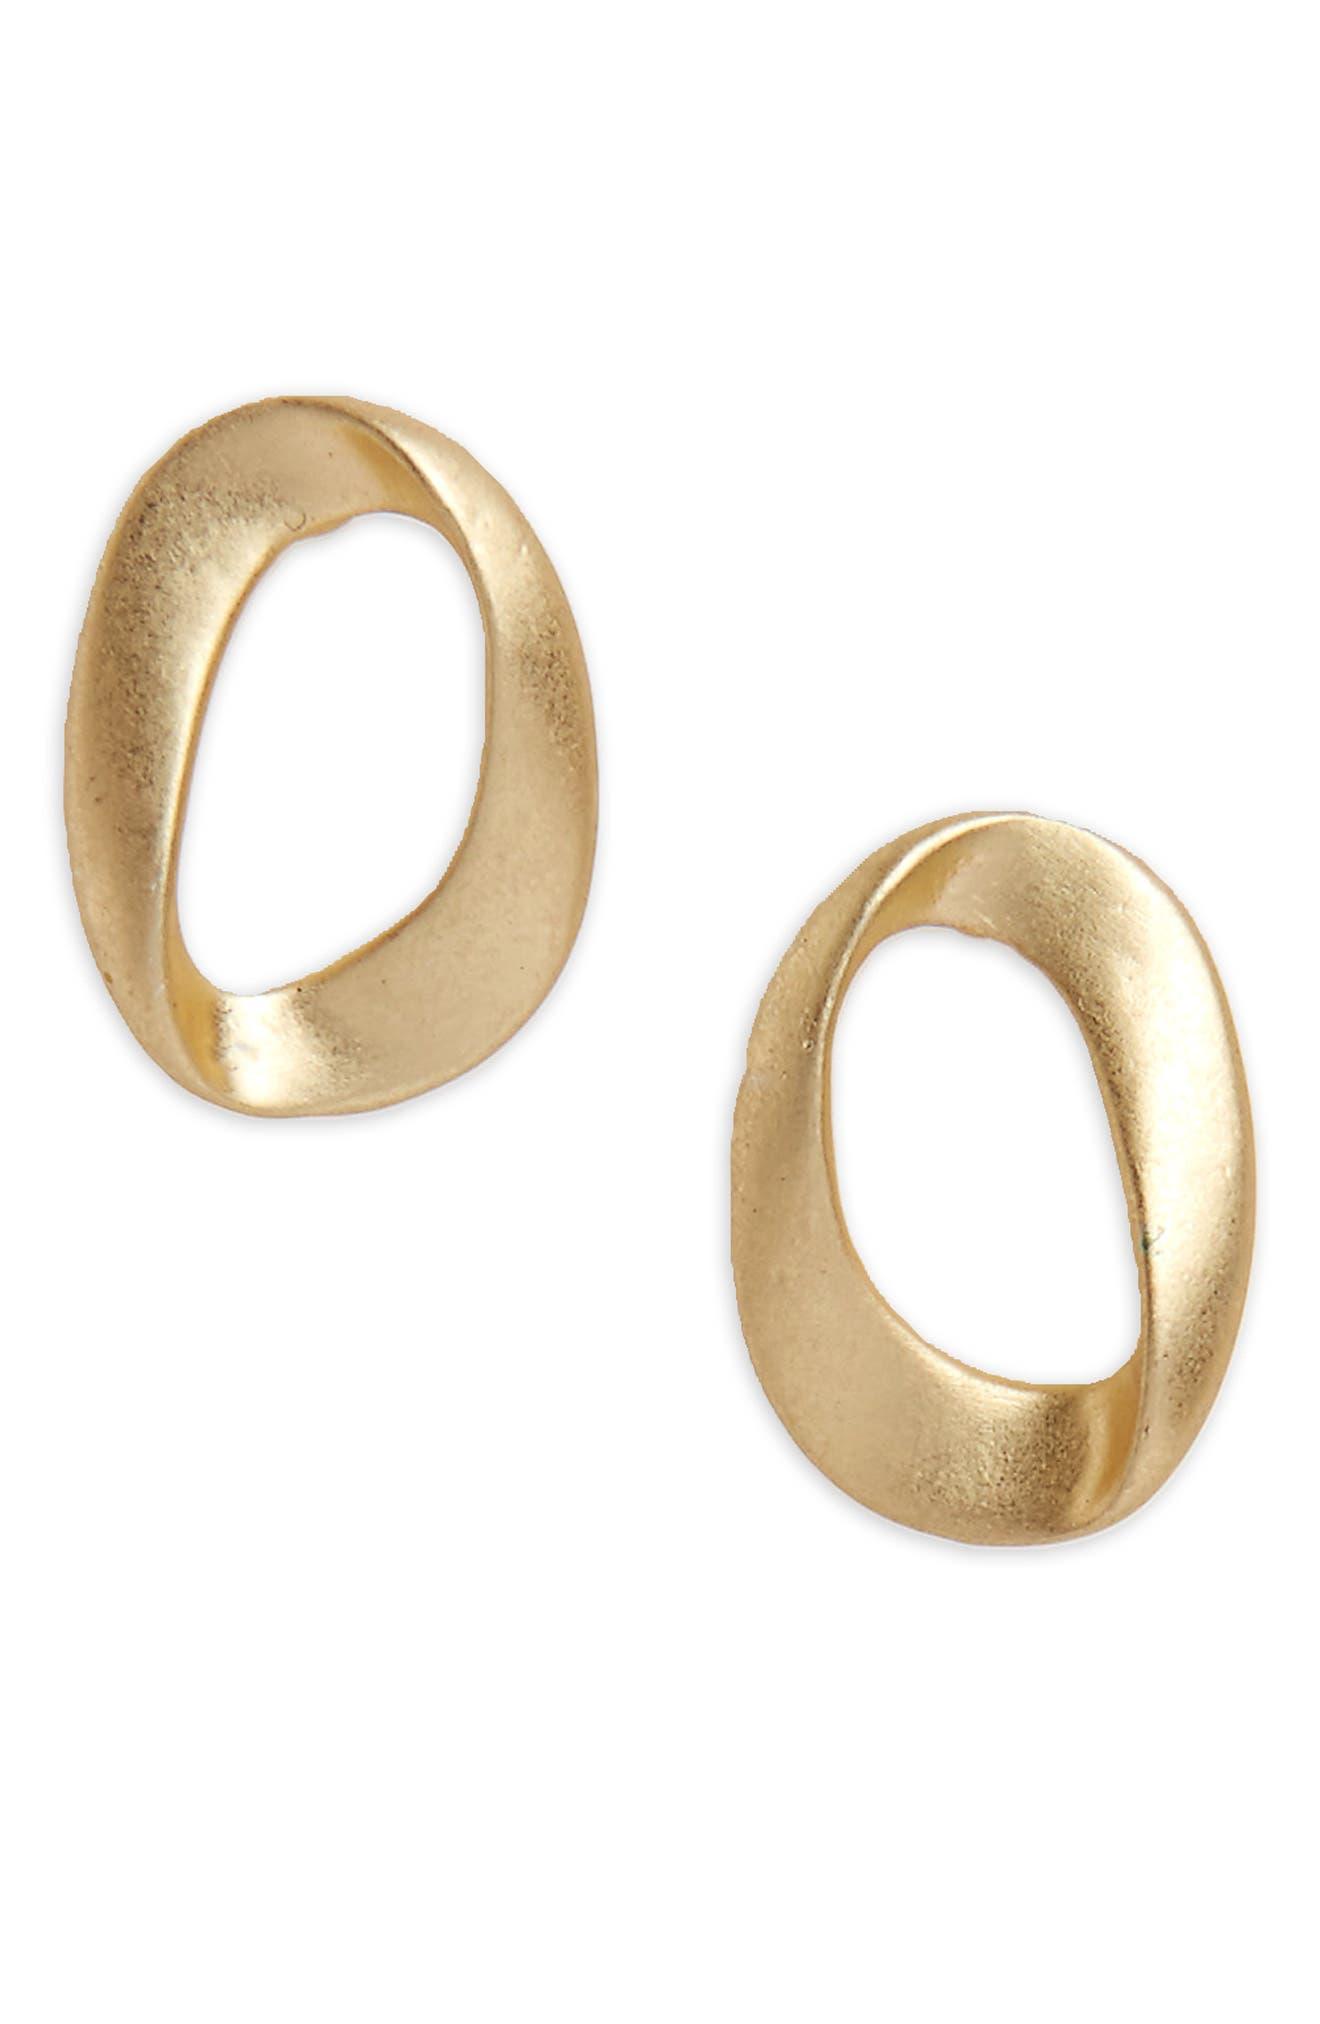 Halogen® Brushed Loop Stud Earrings